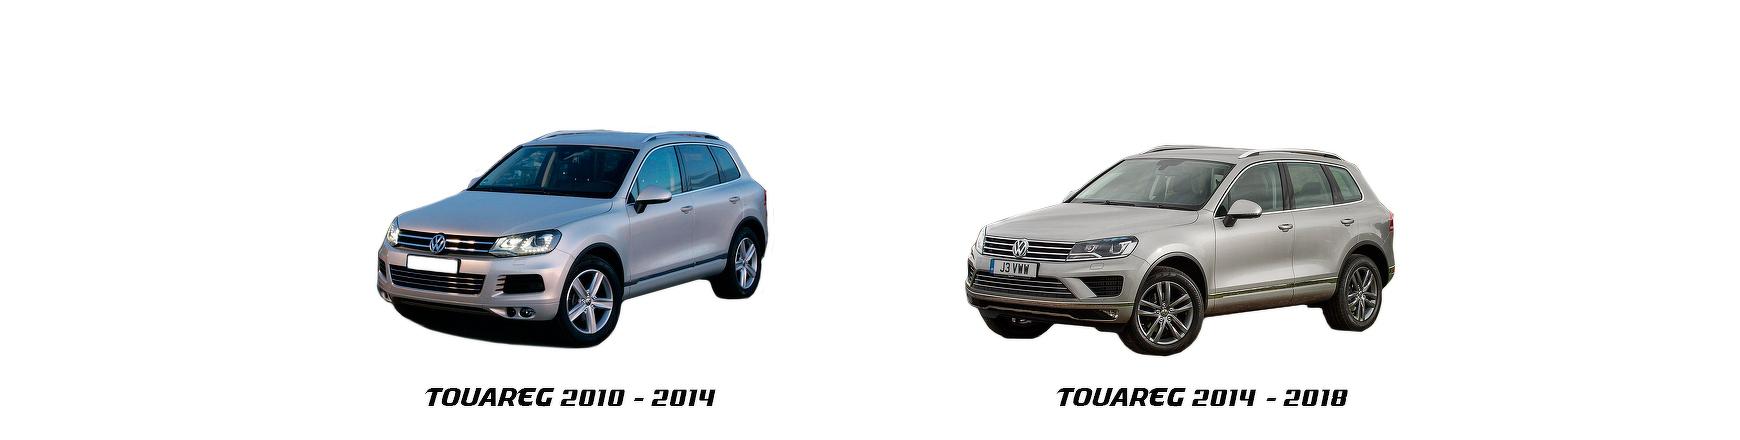 Piezas y Recambios de Volkswagen Touareg (7P5) de 2010 a 2018 | Veramauto.es